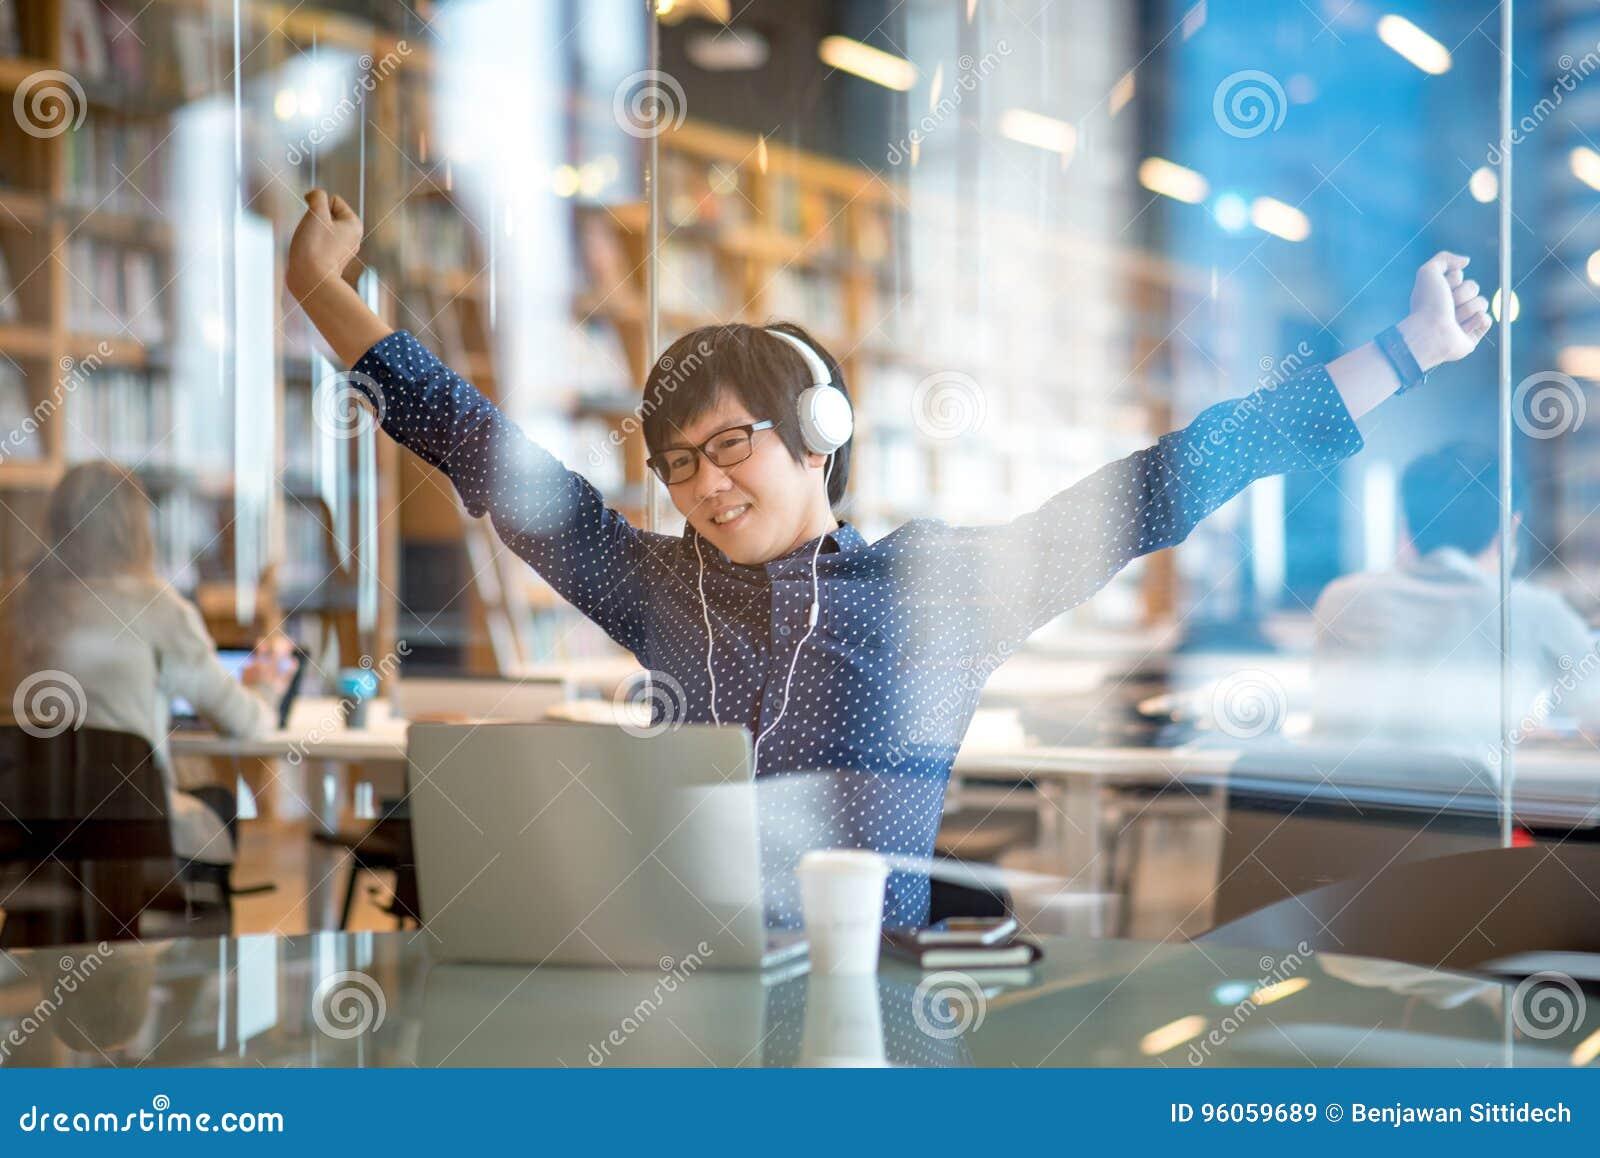 Jeune homme asiatique étirant son bras dans la bibliothèque